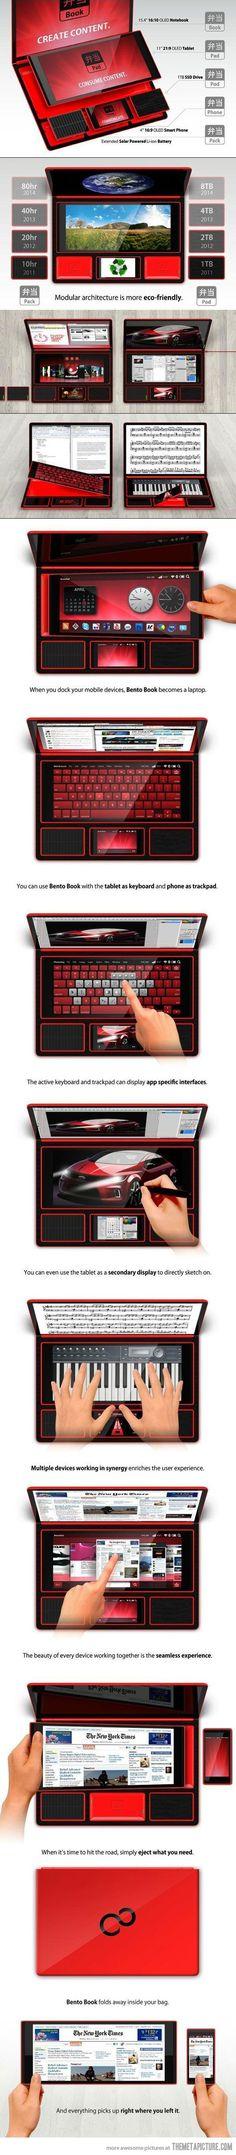 Bento book  Bento Book Laptop + Tablet + Smartphone = Modular Transformer Computer